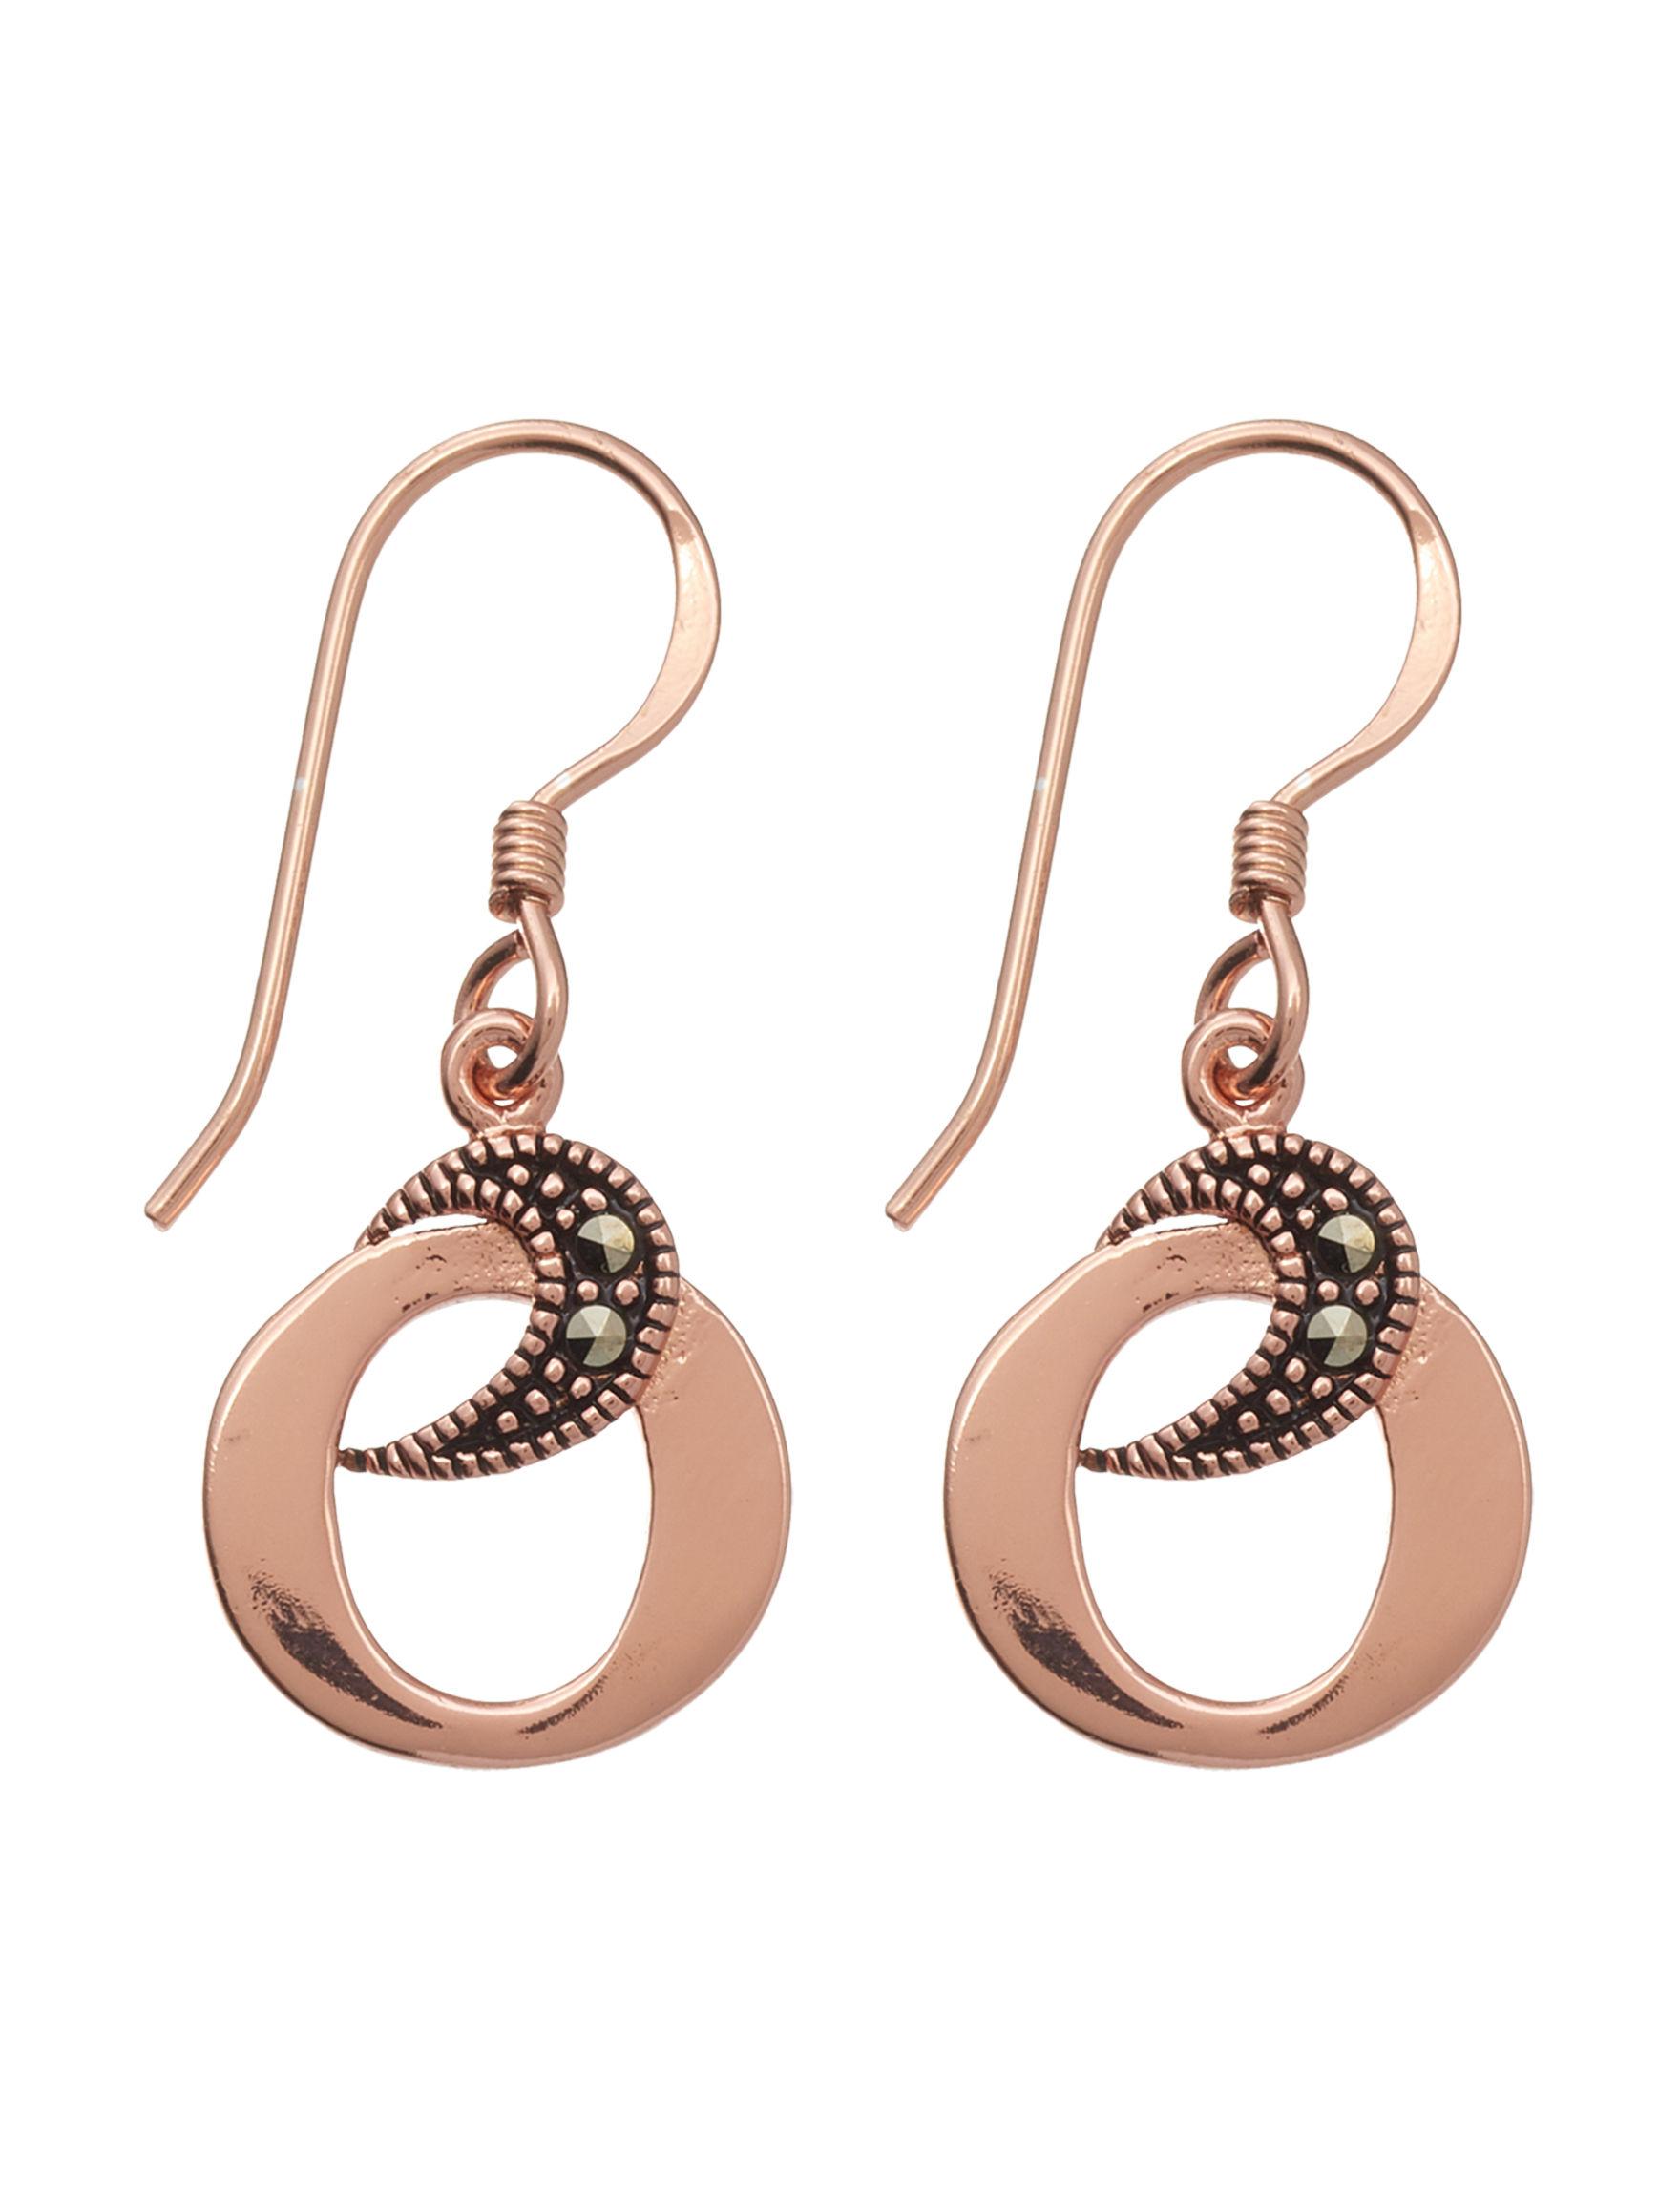 Marsala Rose Gold Drops Earrings Fine Jewelry